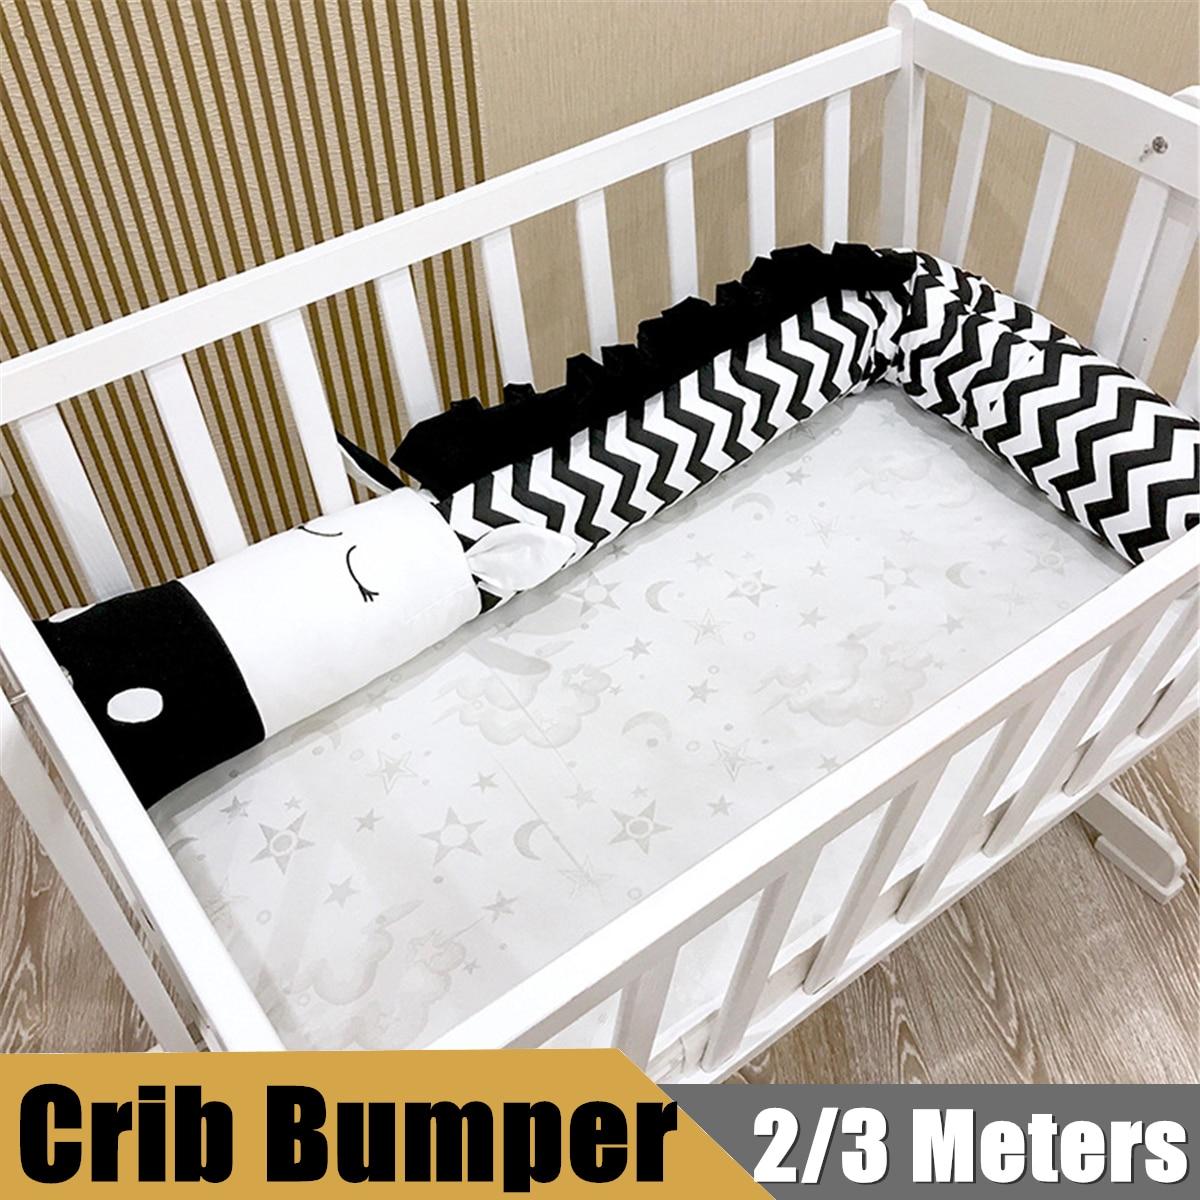 Medium Of Mesh Crib Bumper